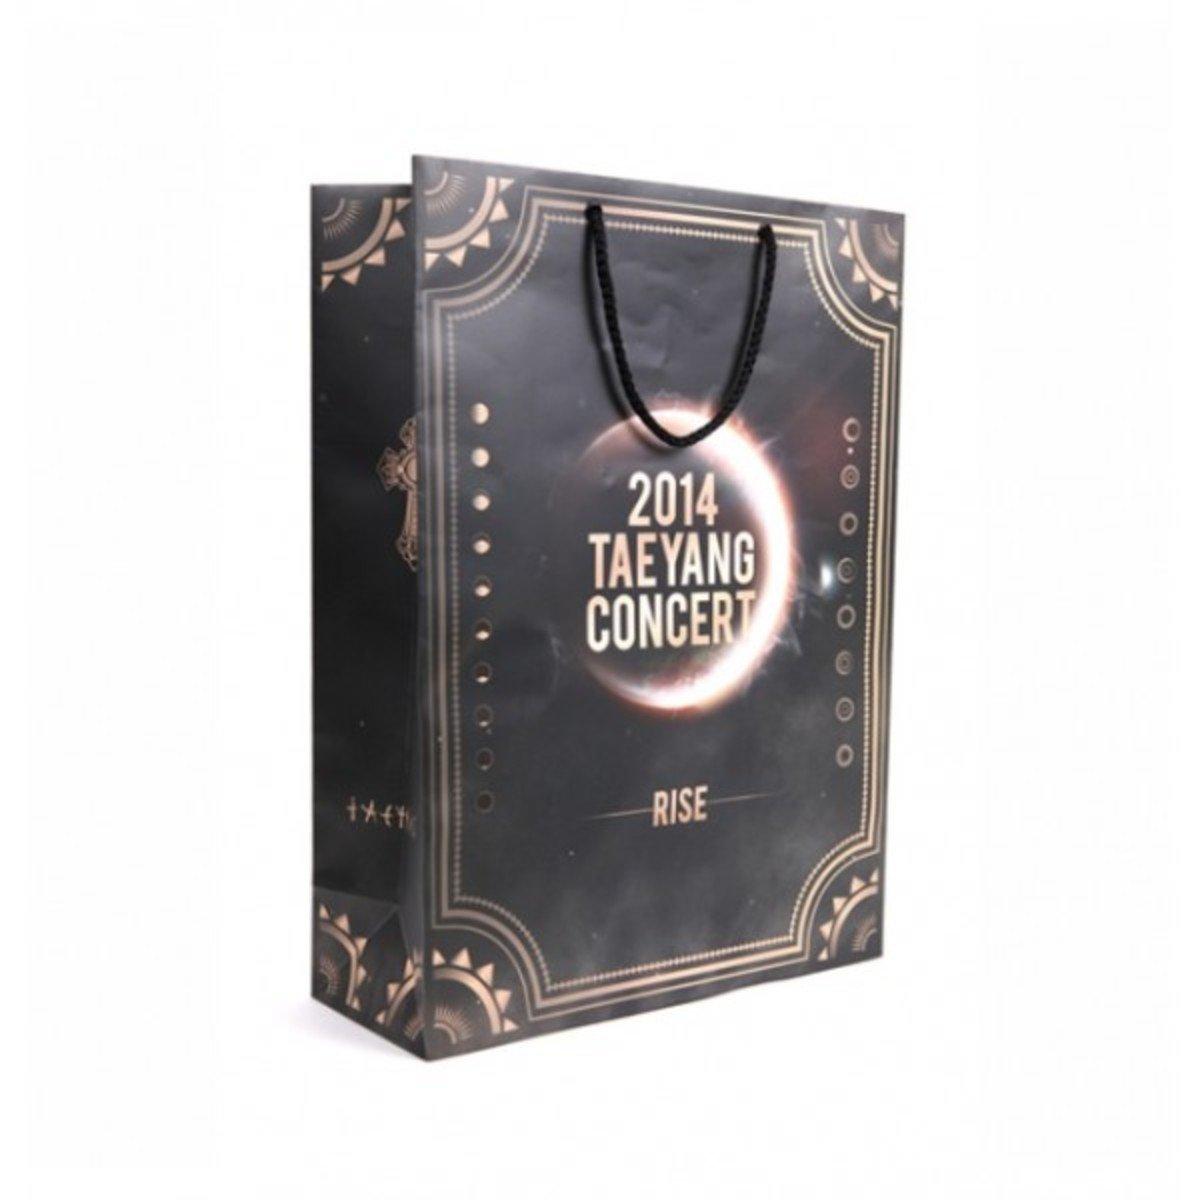 2014 TAEYANG RISE - 購物袋_GD00013404